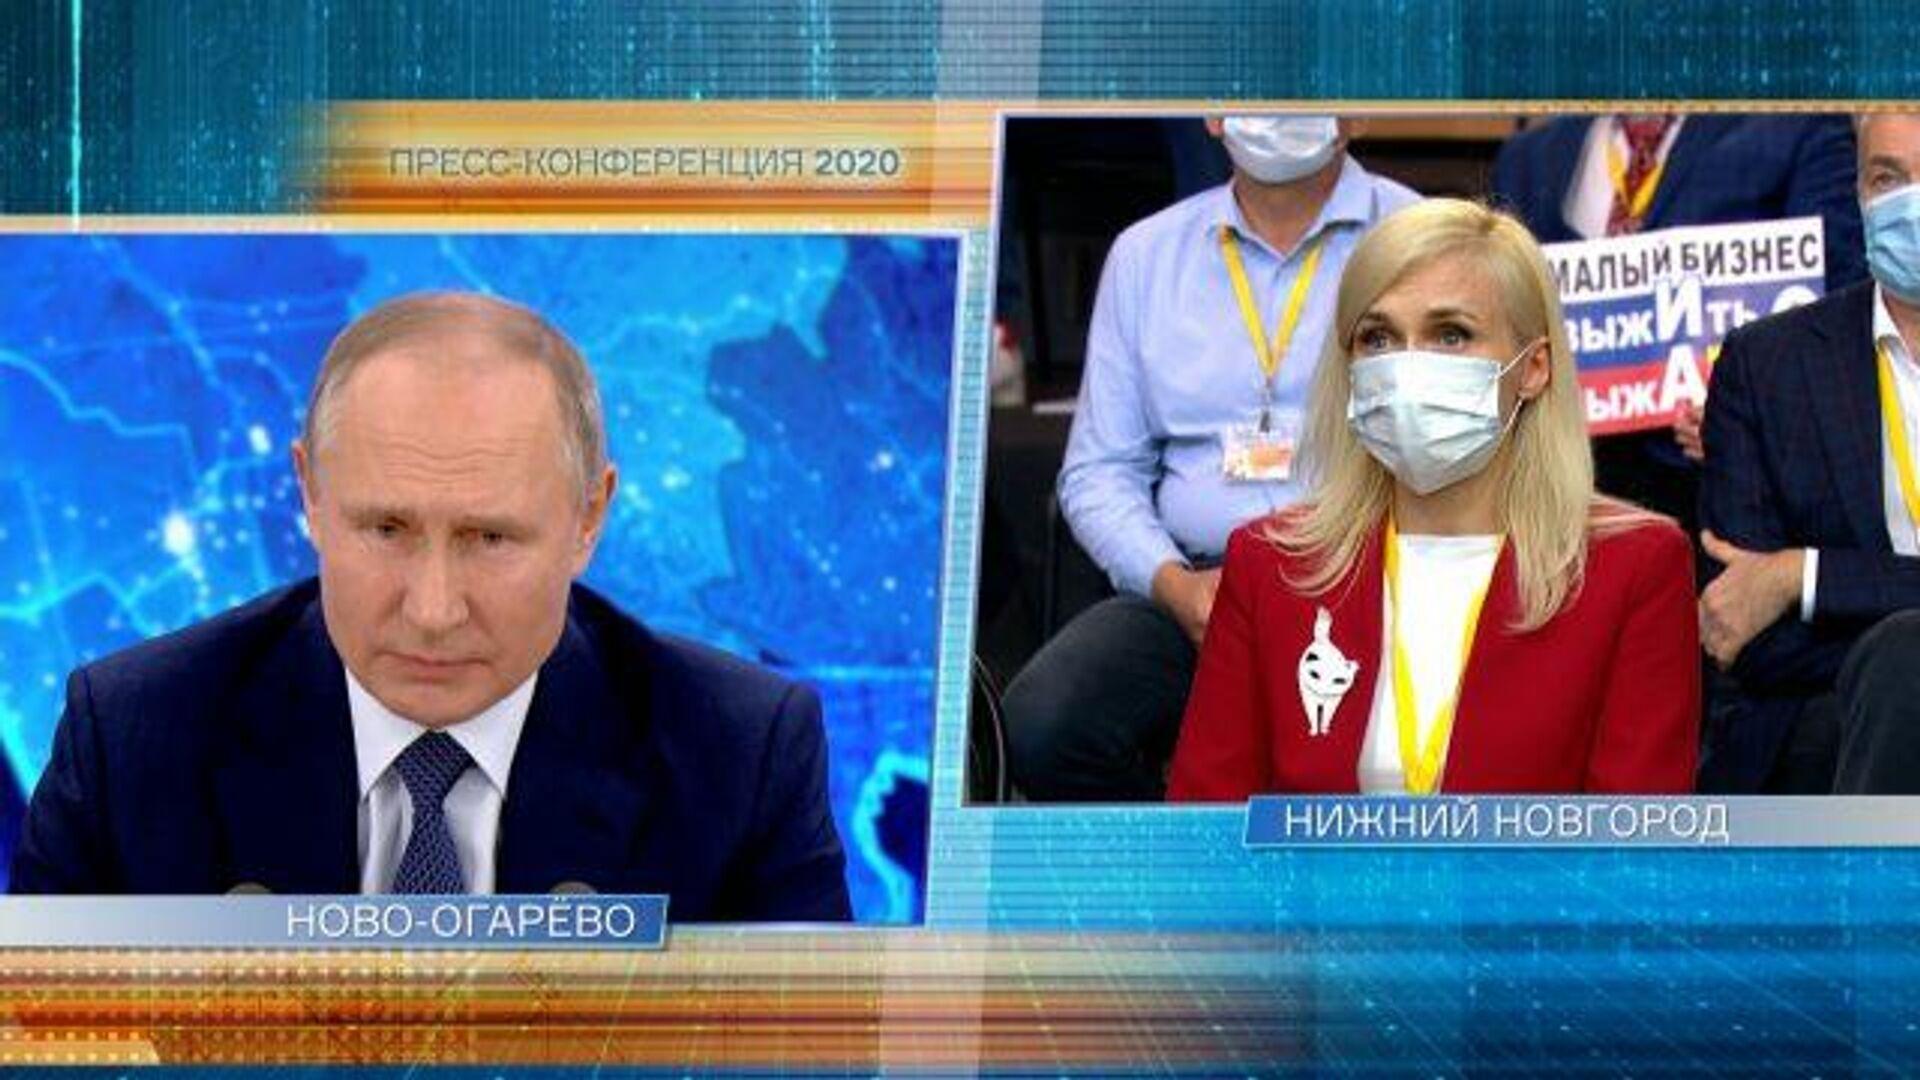 Путин: индексация пенсий на фоне пандемии крайне важна - РИА Новости, 1920, 17.12.2020